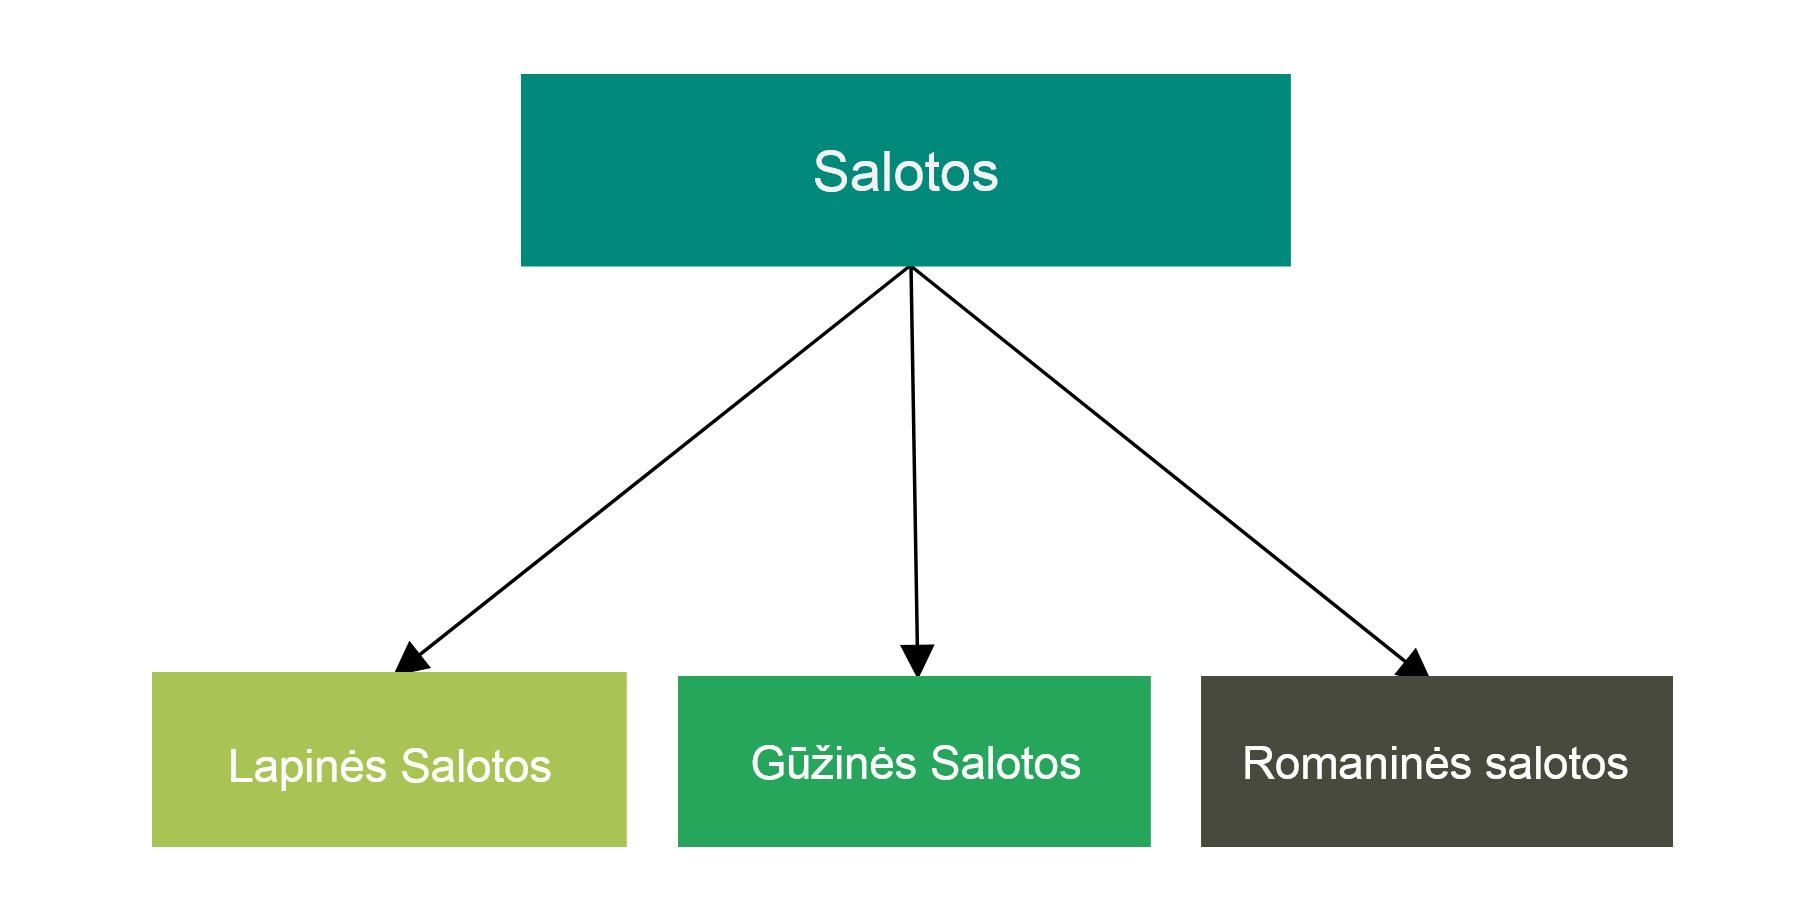 Salotų tipai